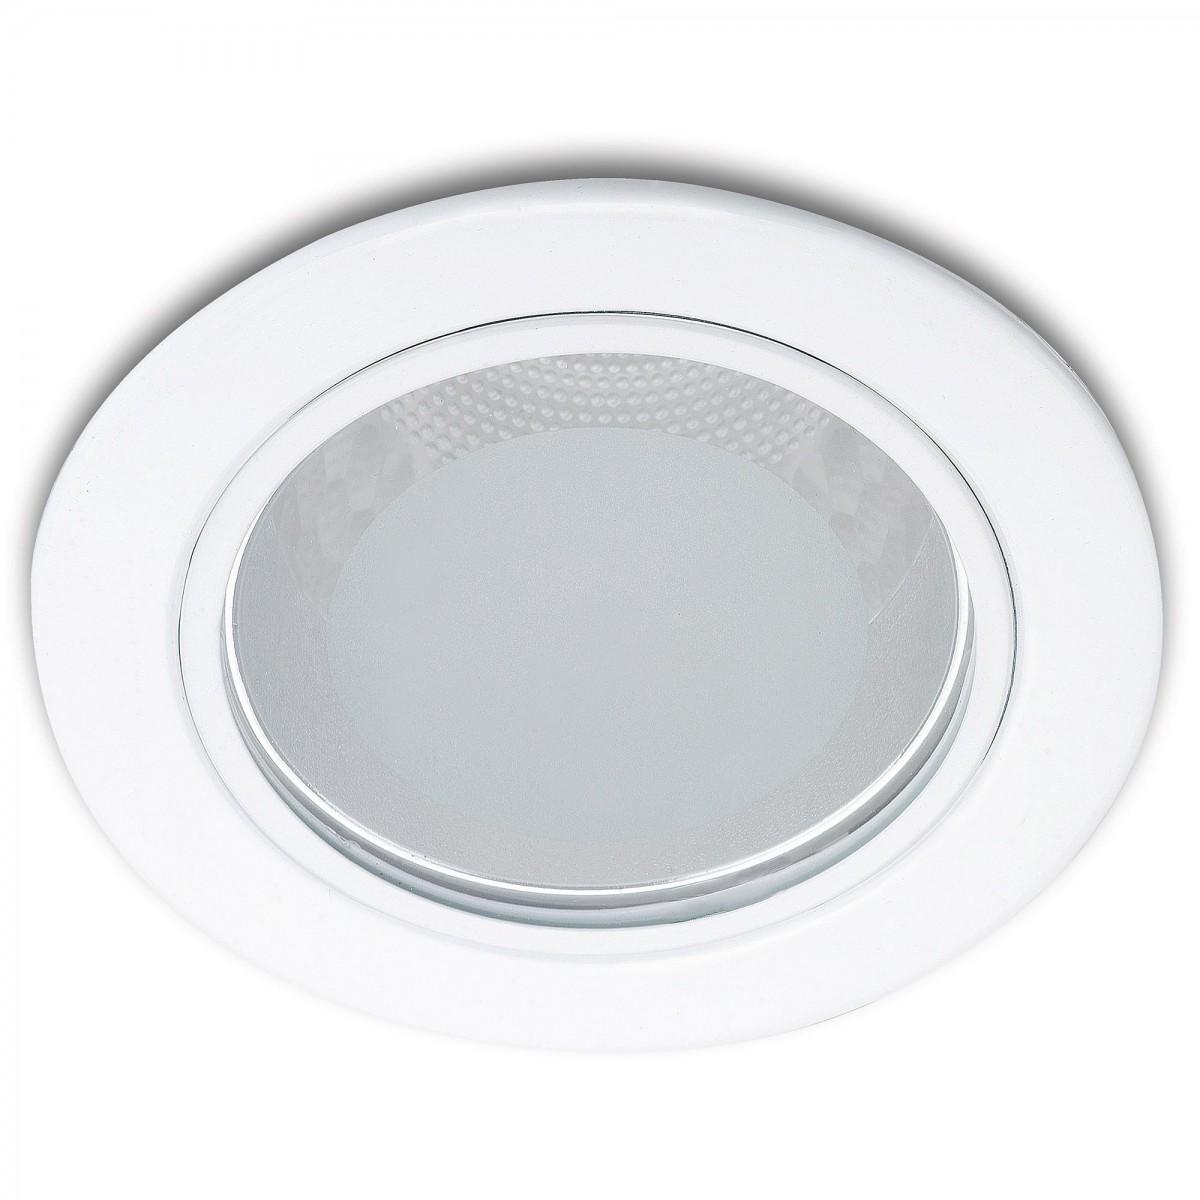 69400 筒燈 Nickel Trim Recessed Downlight E27x1 Discontinued